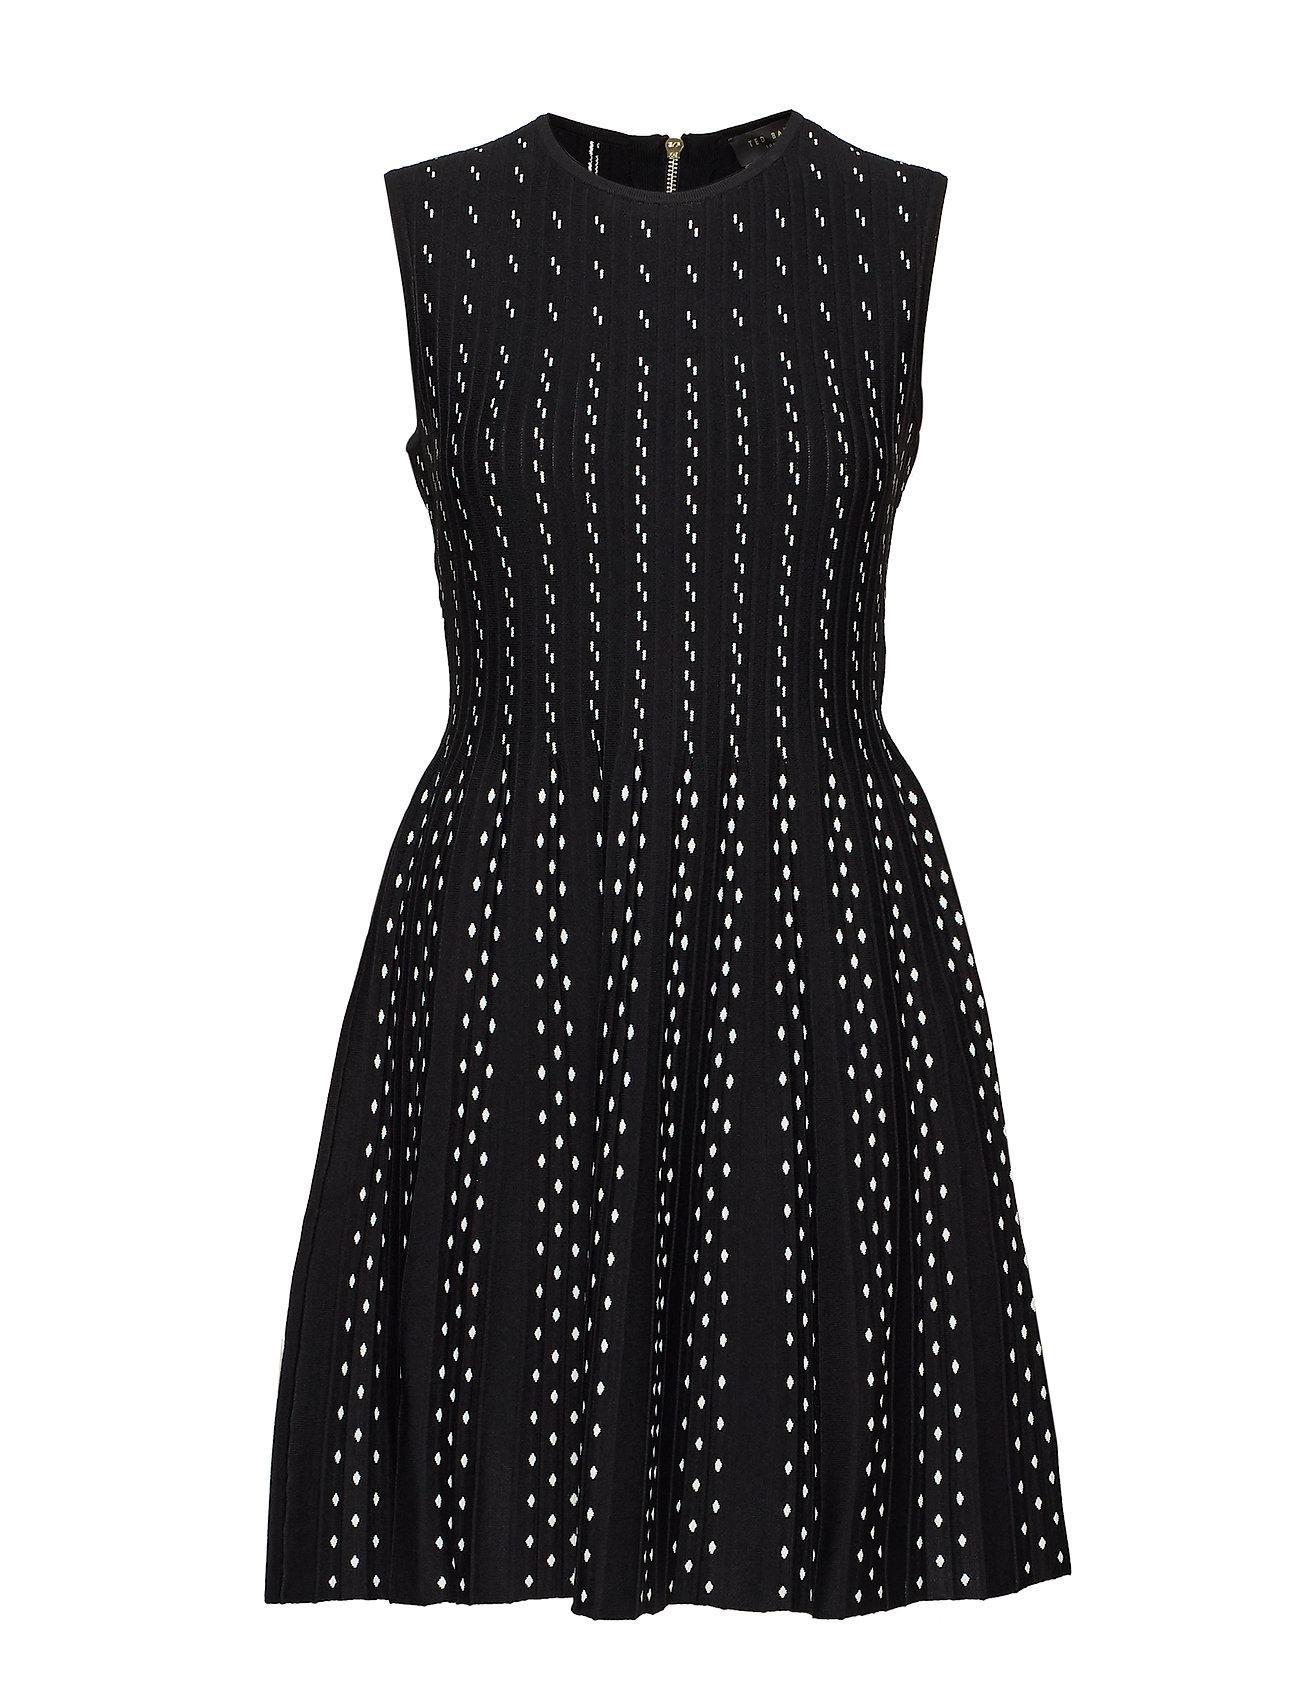 TED BAKER Caren Contrast Stitch Knitted Dress Kurzes Kleid Schwarz TED BAKER